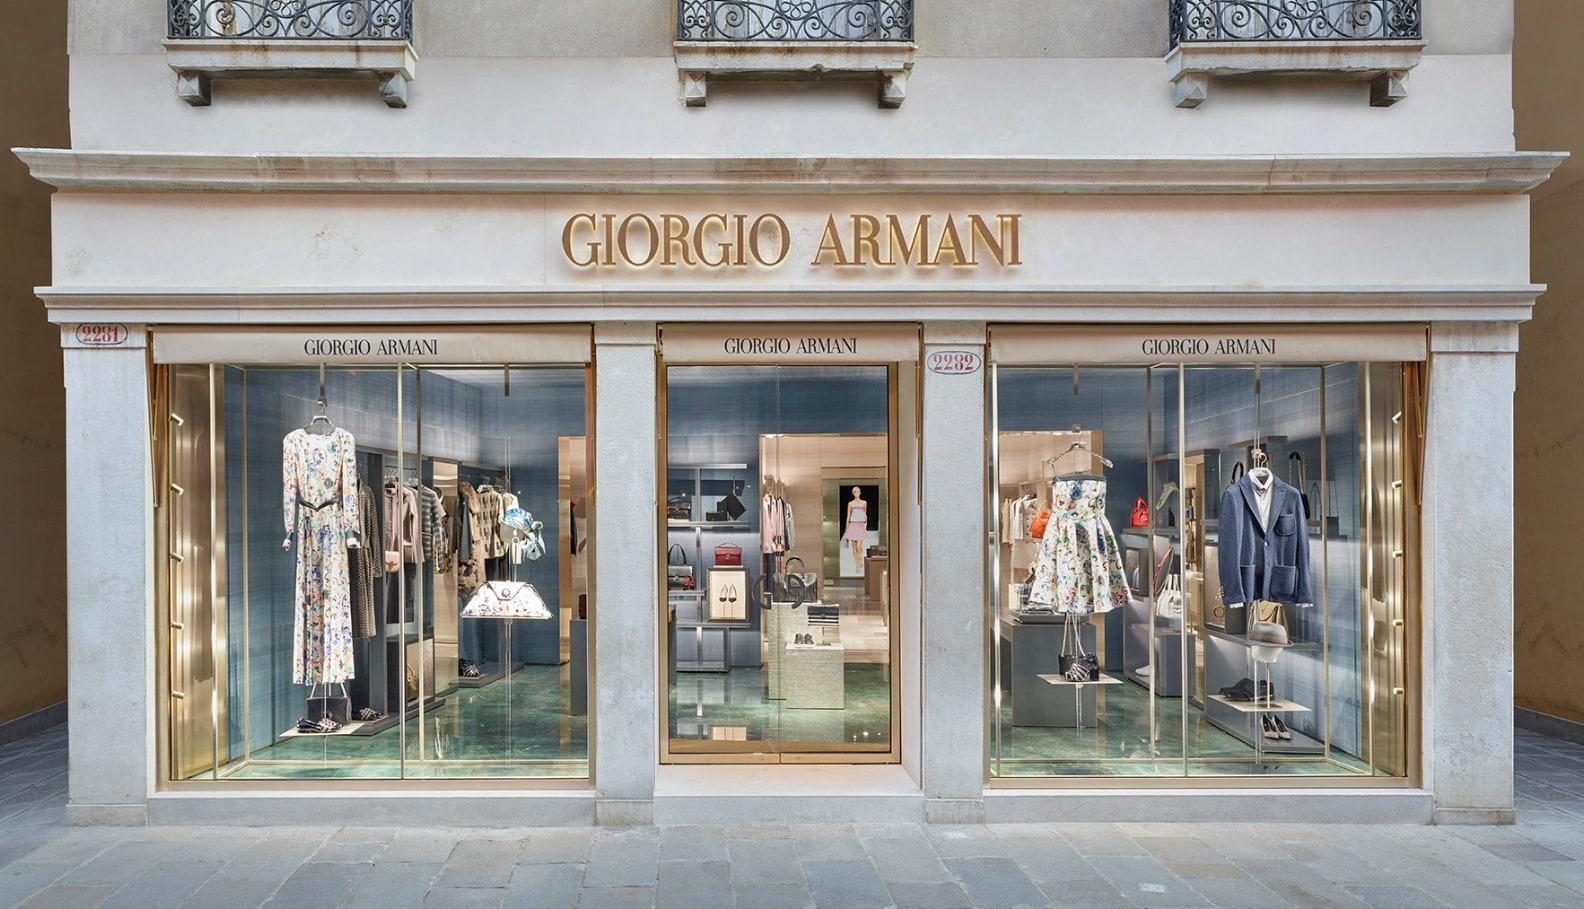 Giorgio Armani a Venezia